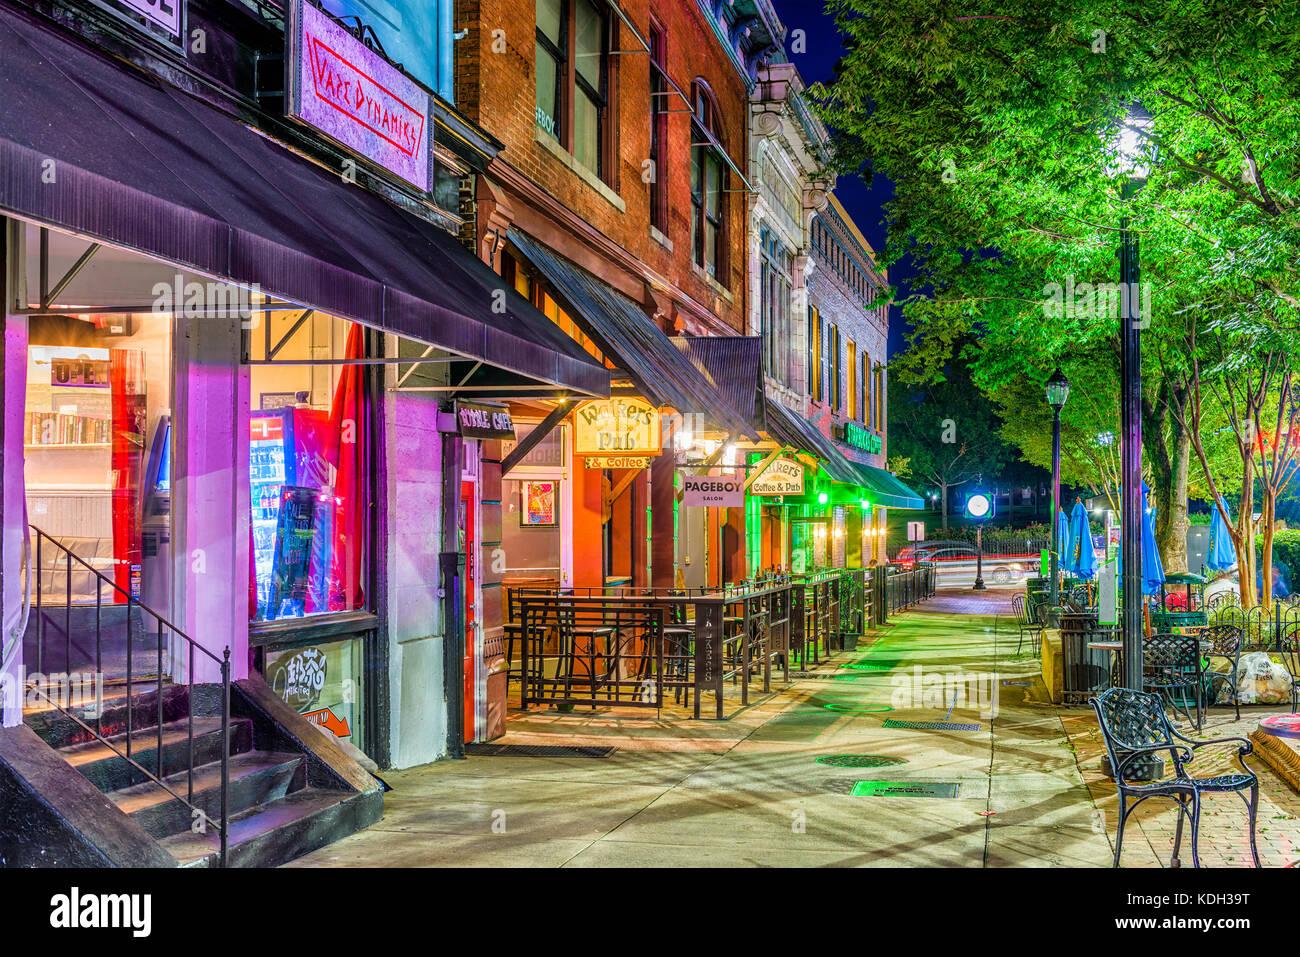 Atene, la Georgia - agosto 13, 2017: negozi e bar lungo college avenue nel centro cittadino di Atene di notte. Foto Stock